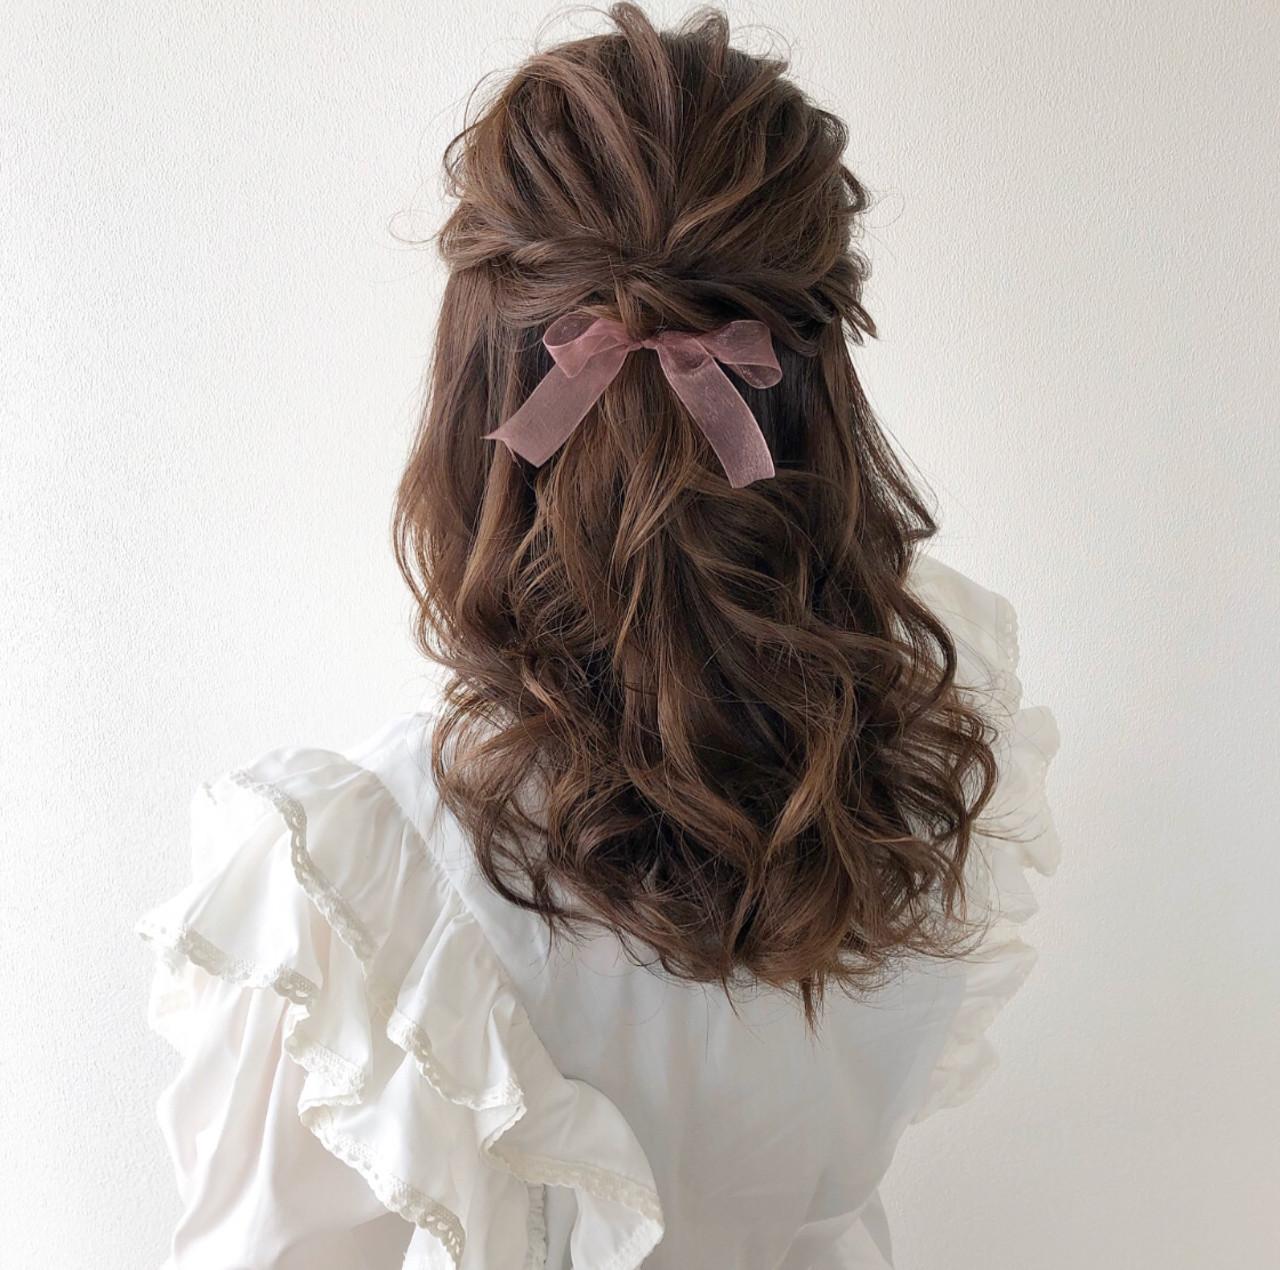 大人可愛い ハーフアップ セミロング ガーリー ヘアスタイルや髪型の写真・画像